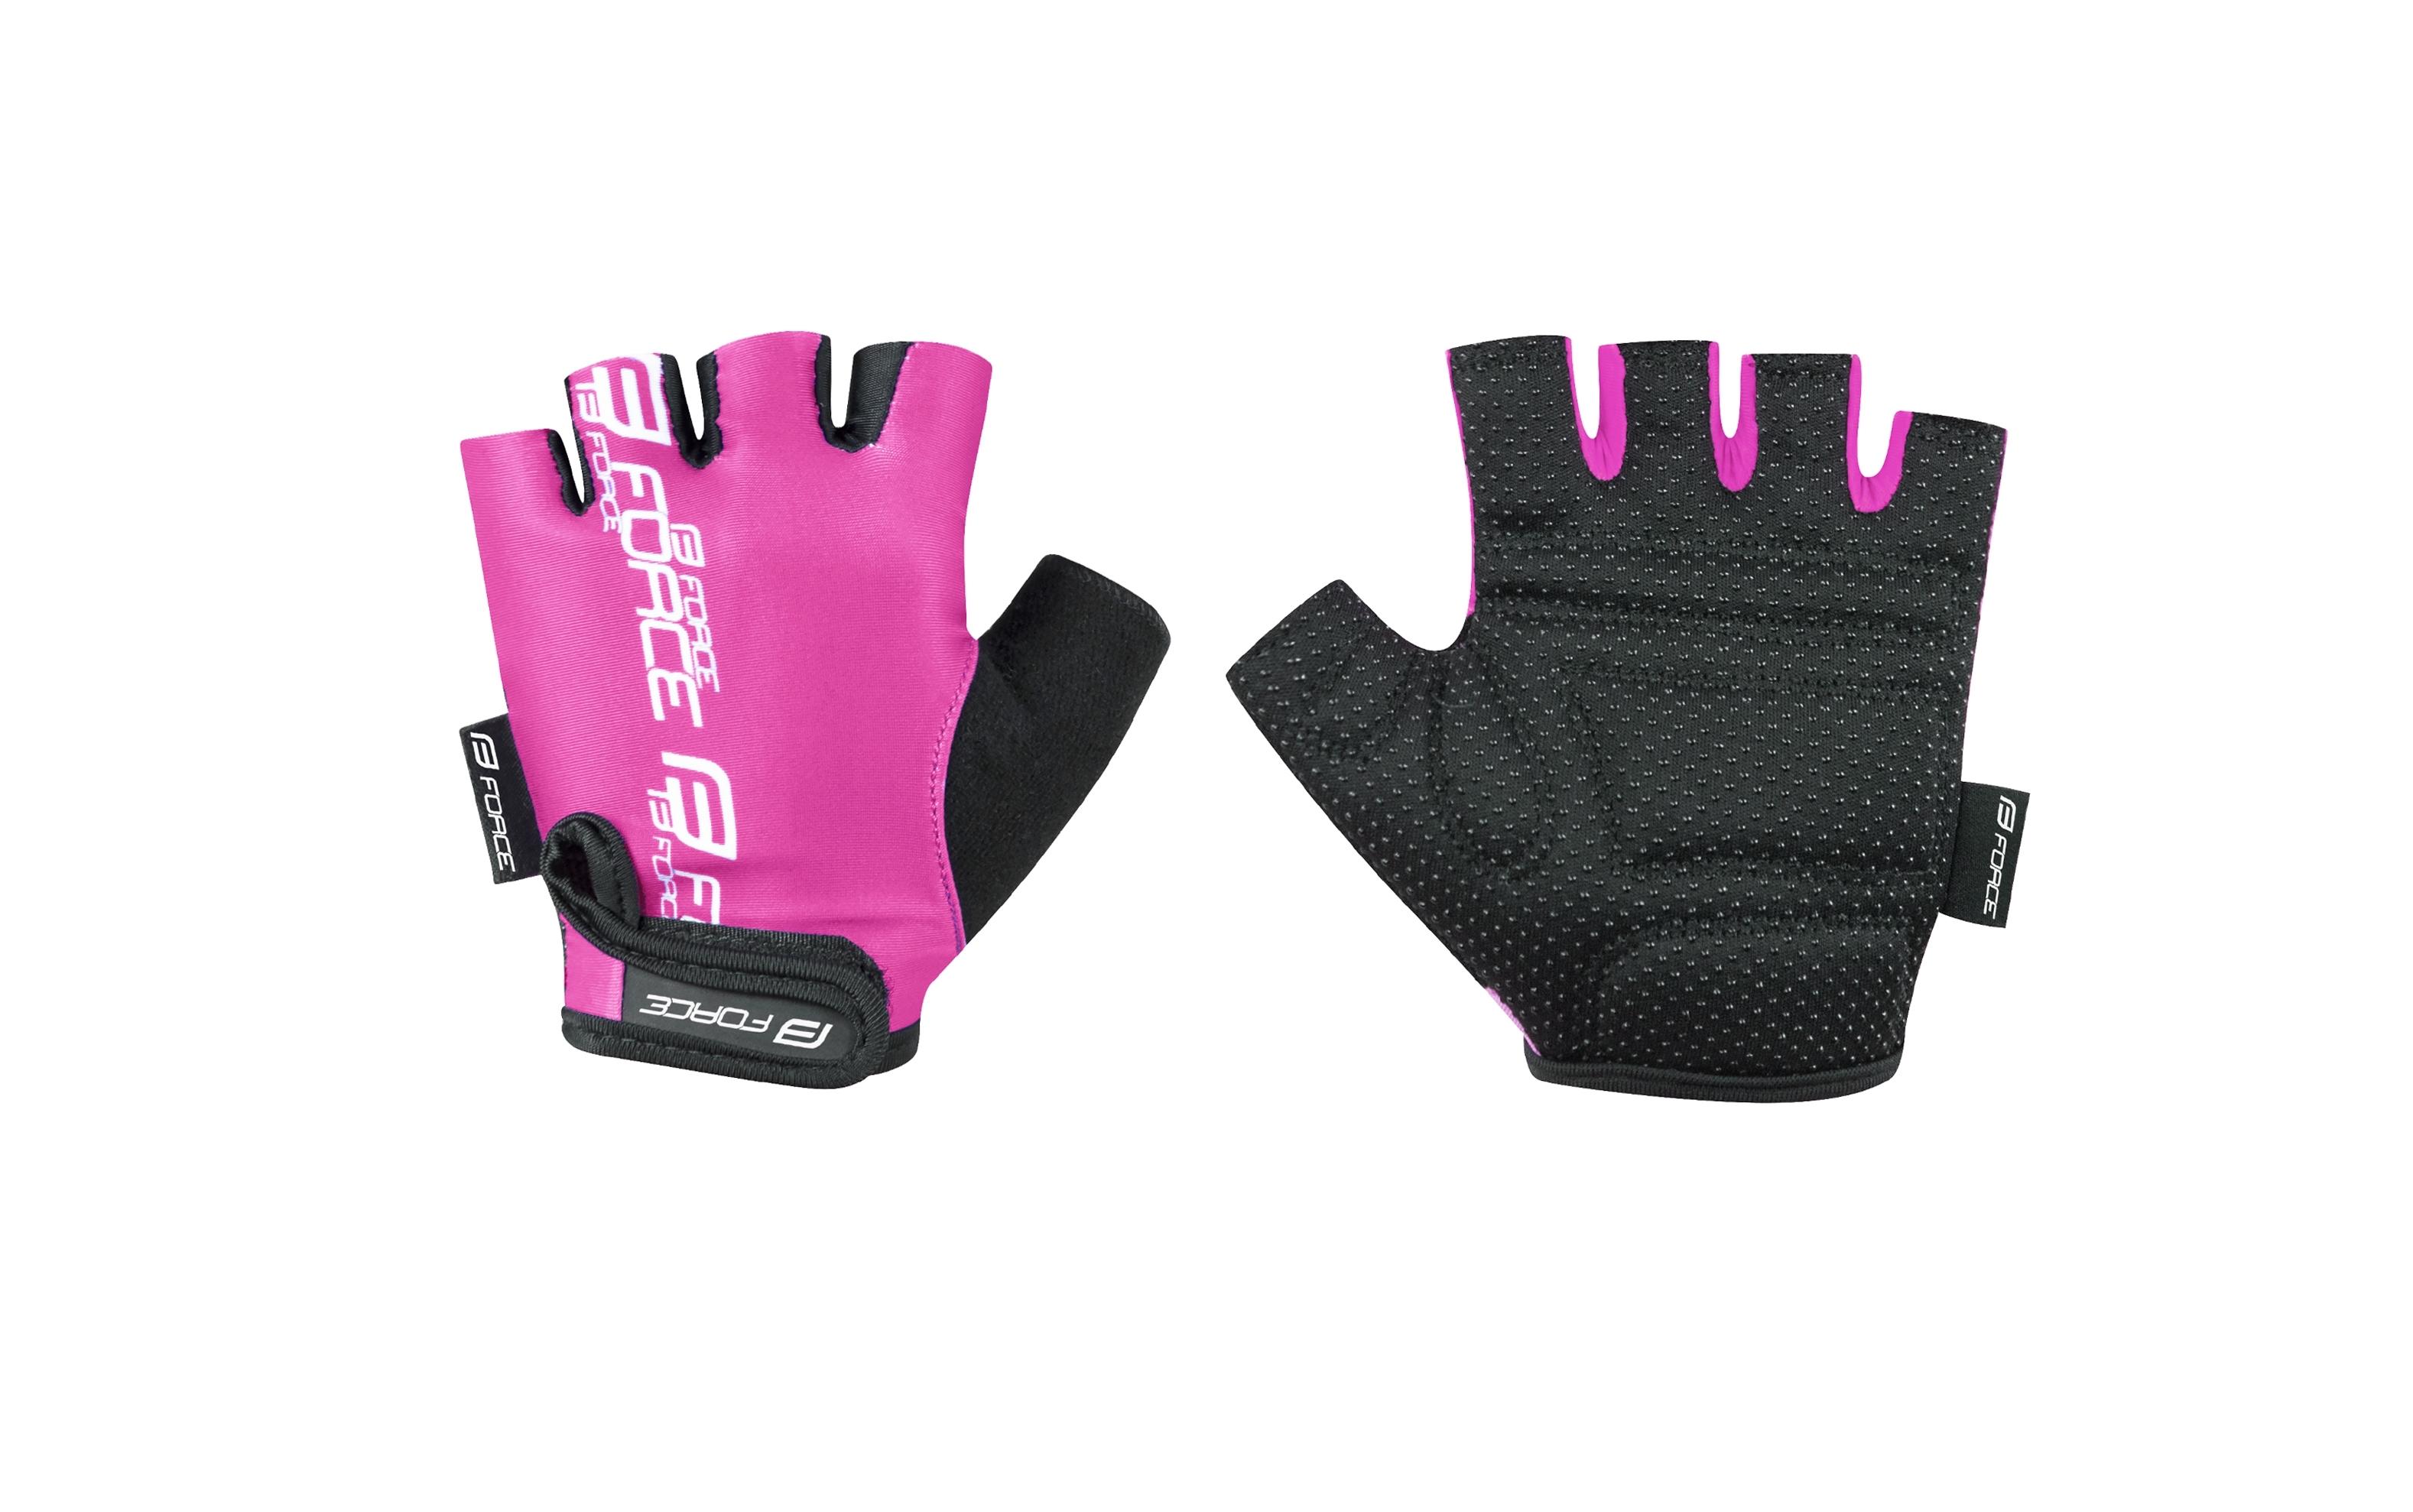 rukavice FORCE KID dětské, růžové S